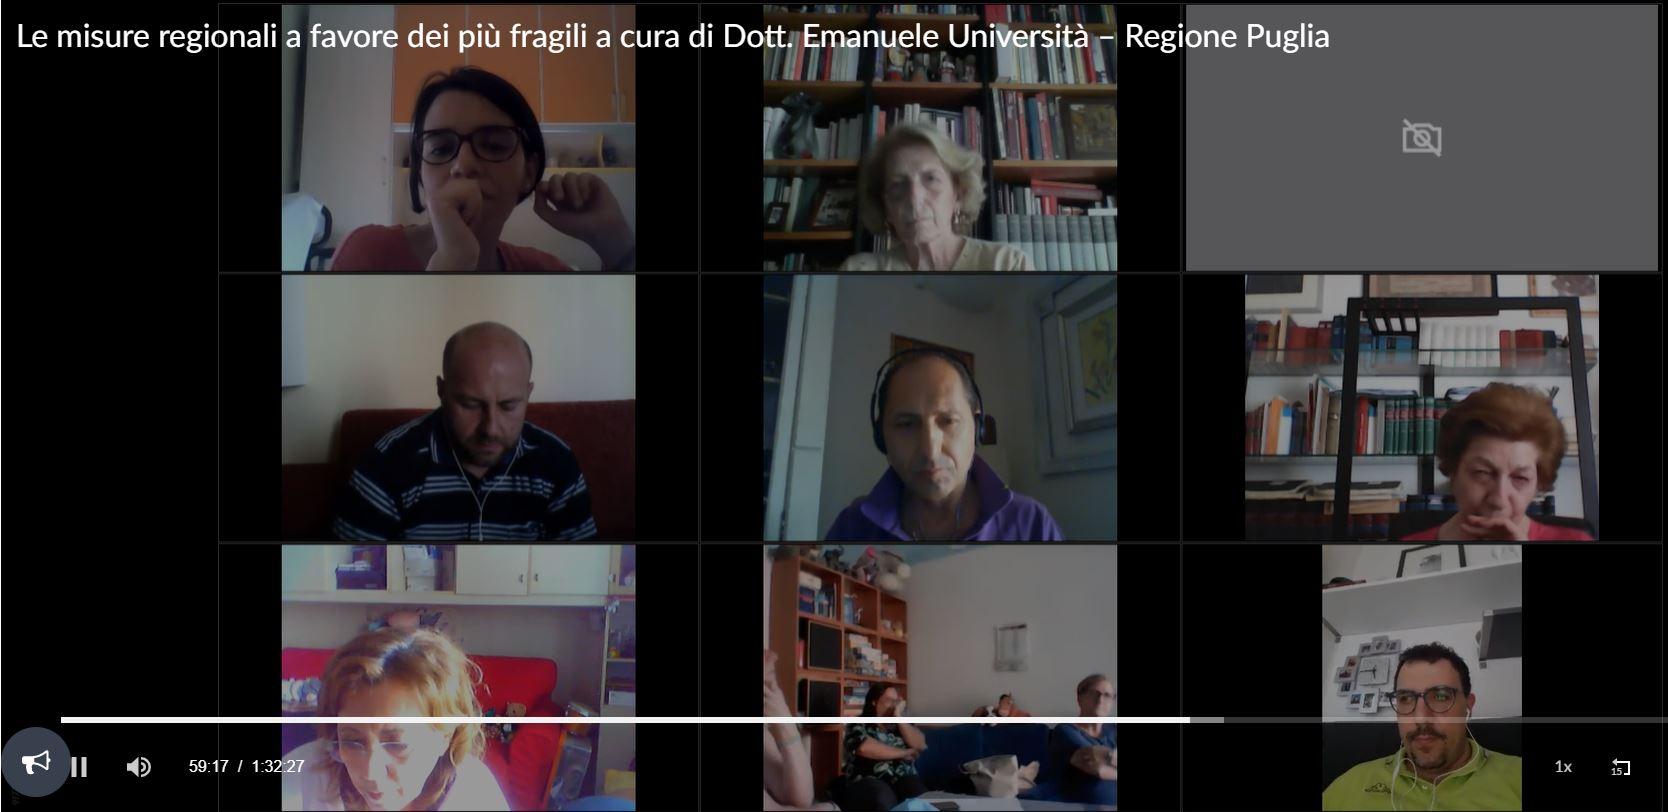 Le misure regionali a favore dei più fragili a cura di Dott. Emanuele Università